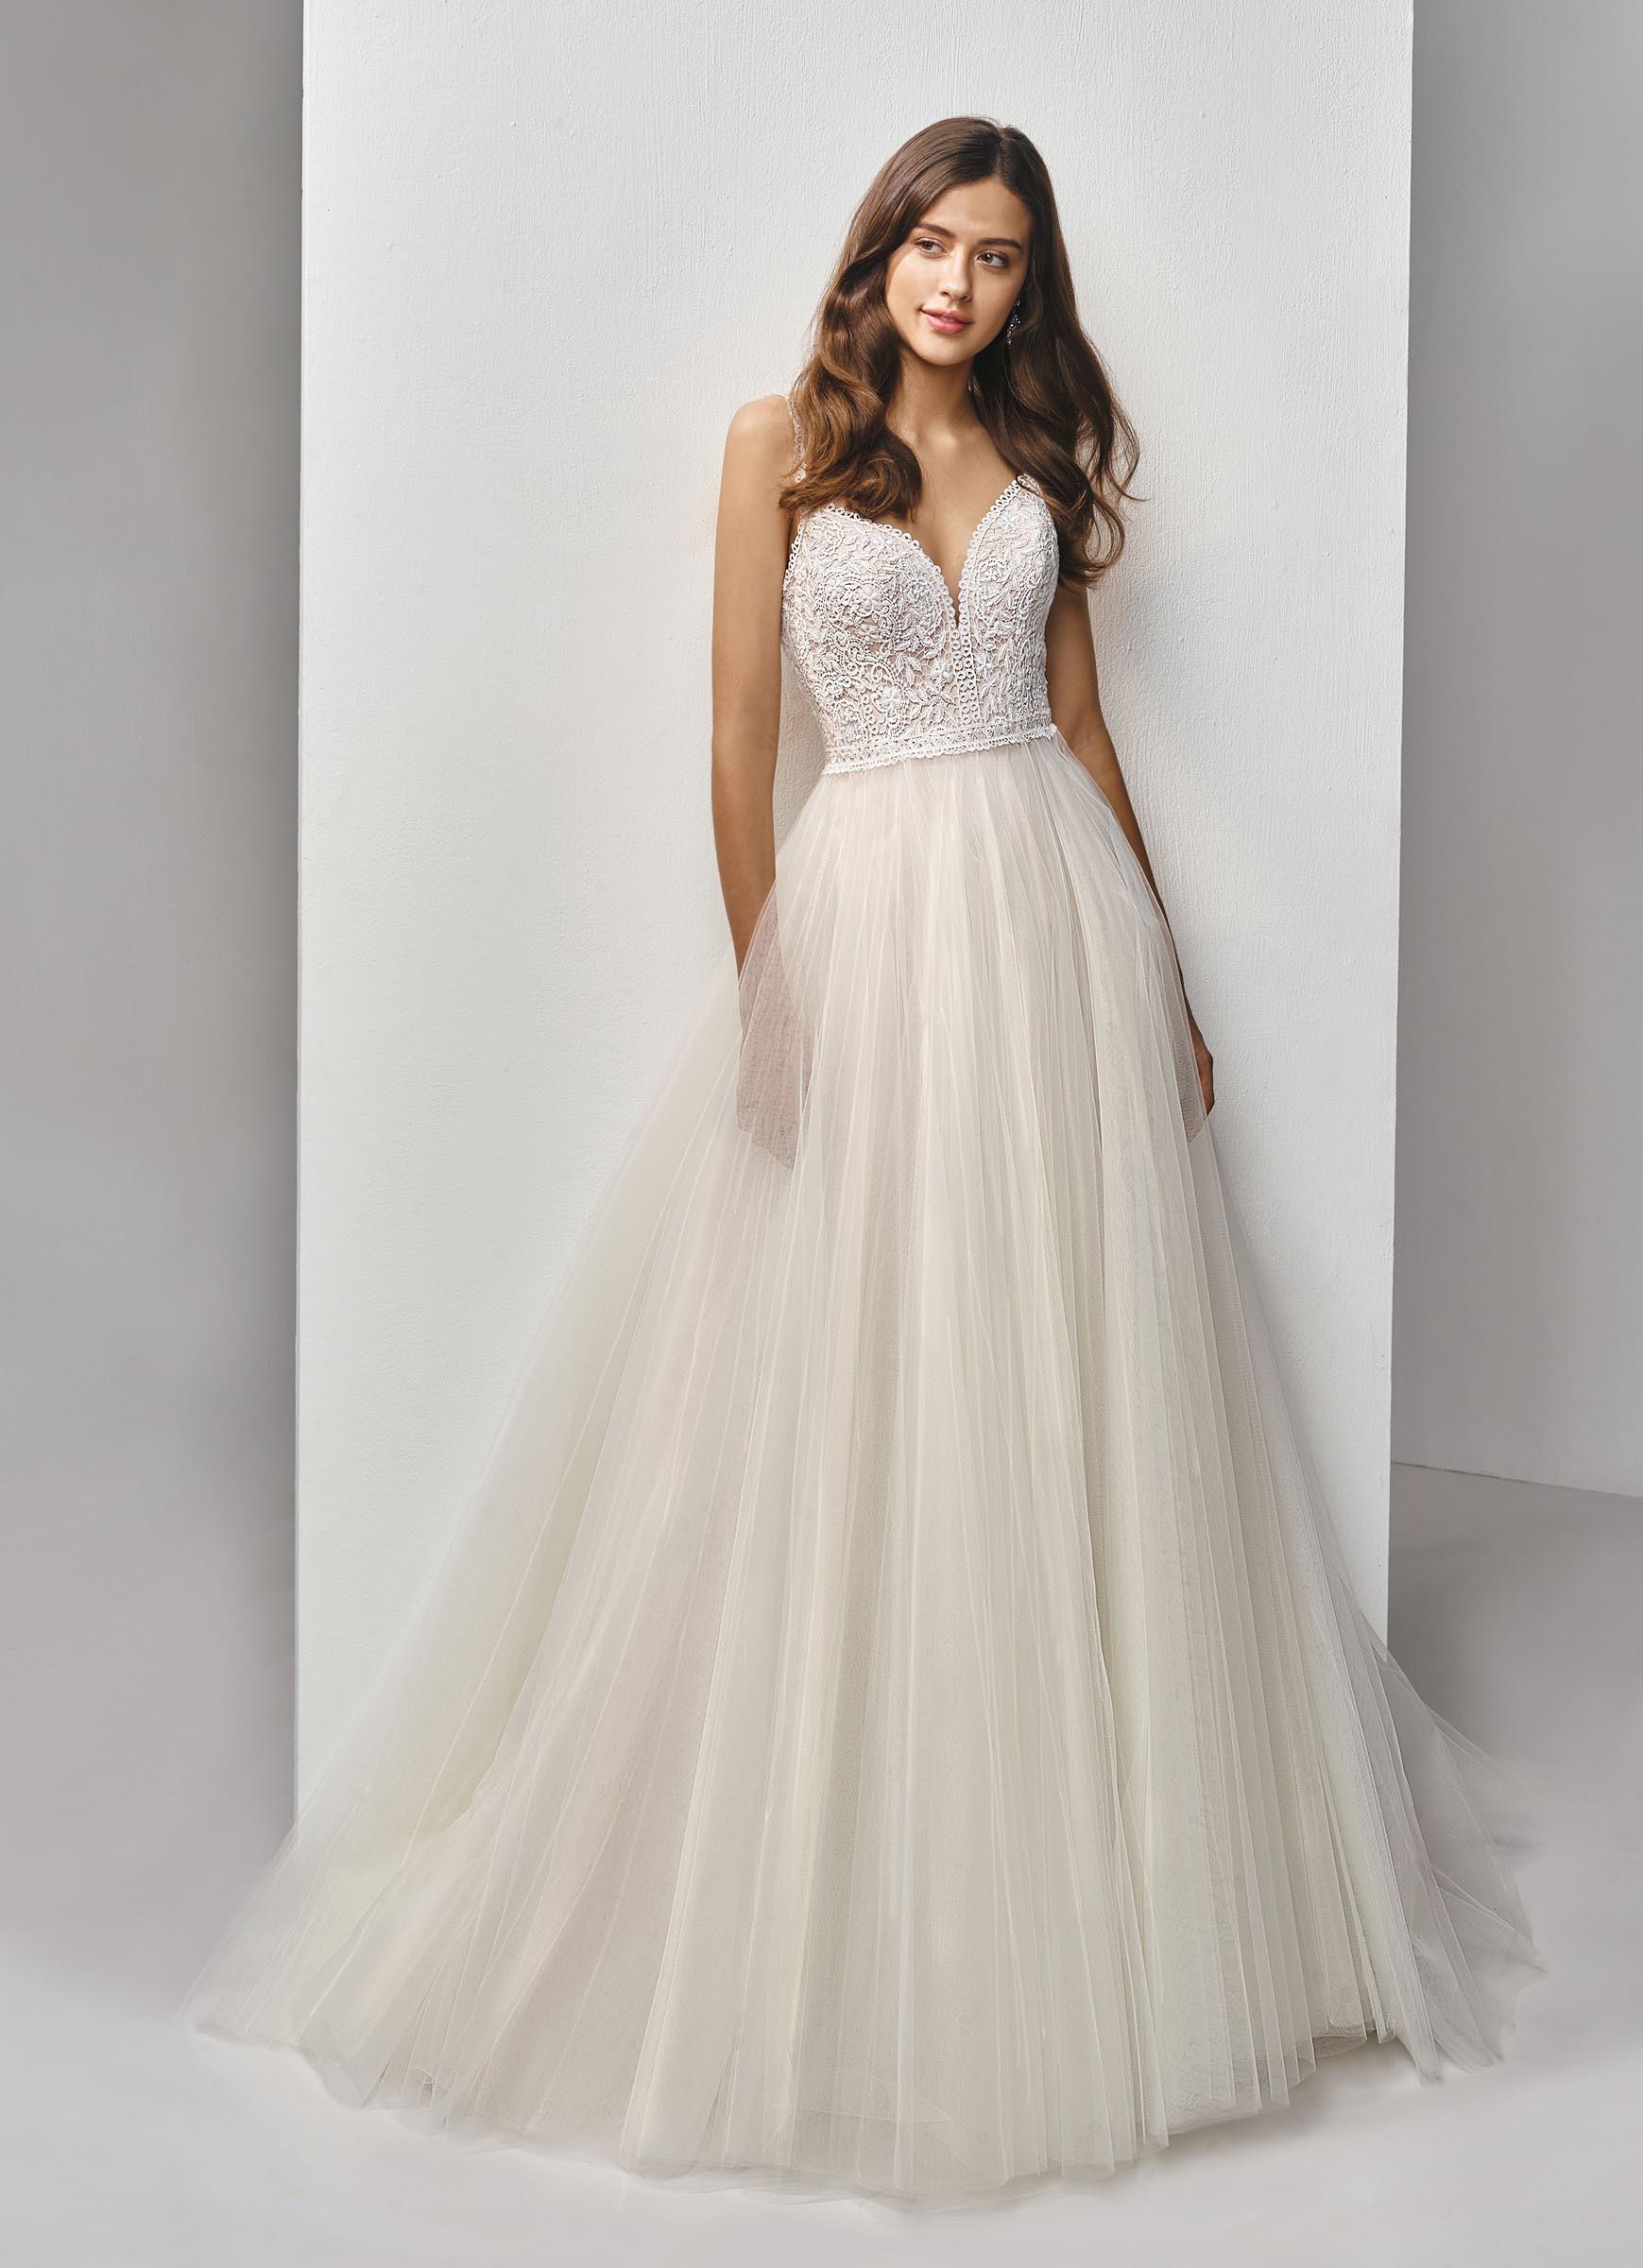 Brautkleid mit Spitzentop und Tüllrock von Beautiful Bridal, Modell BT19-16